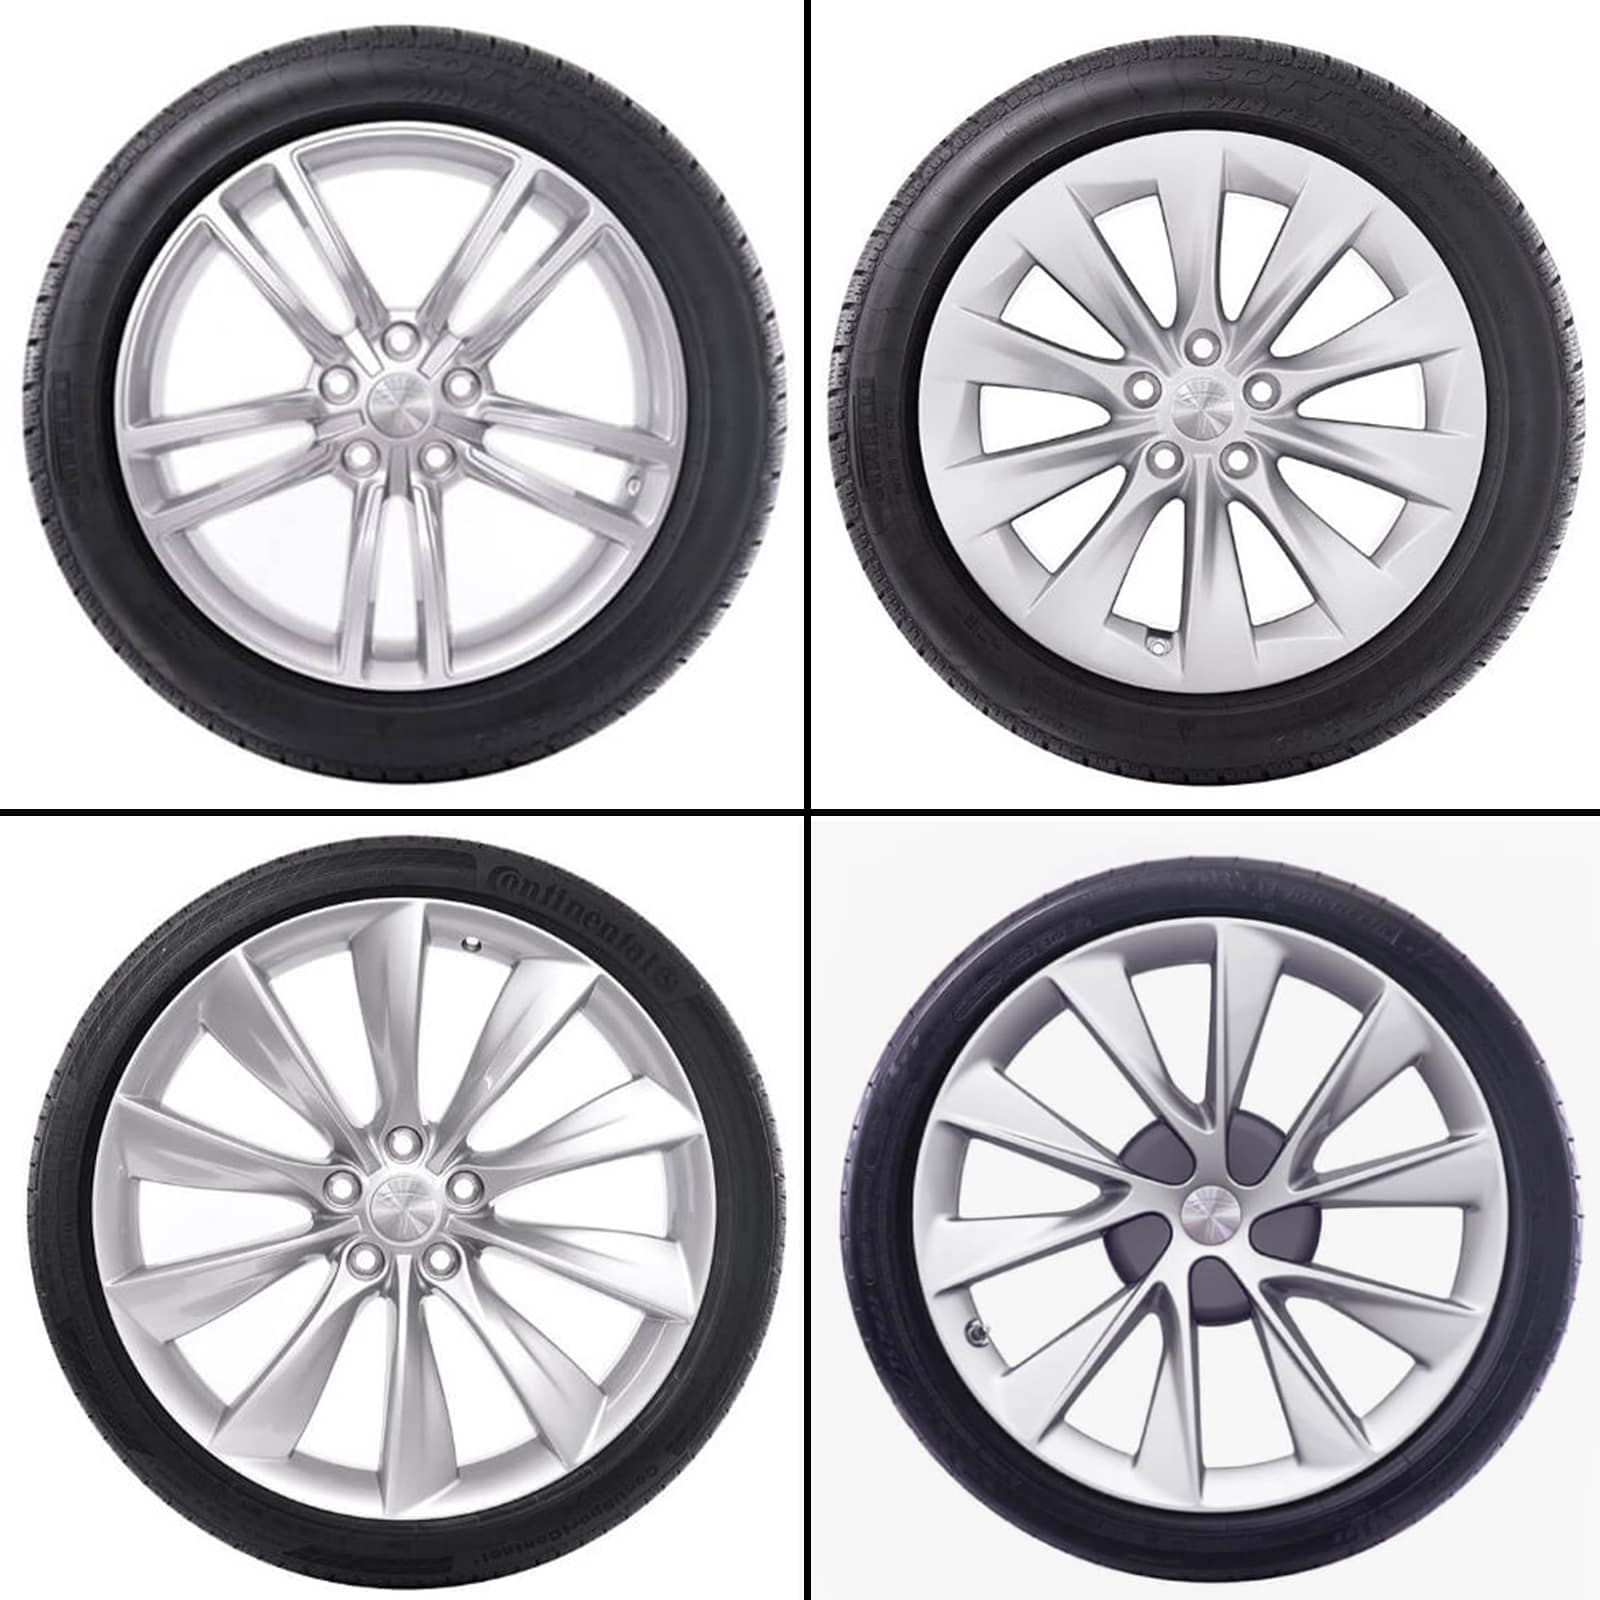 Model S Wheels